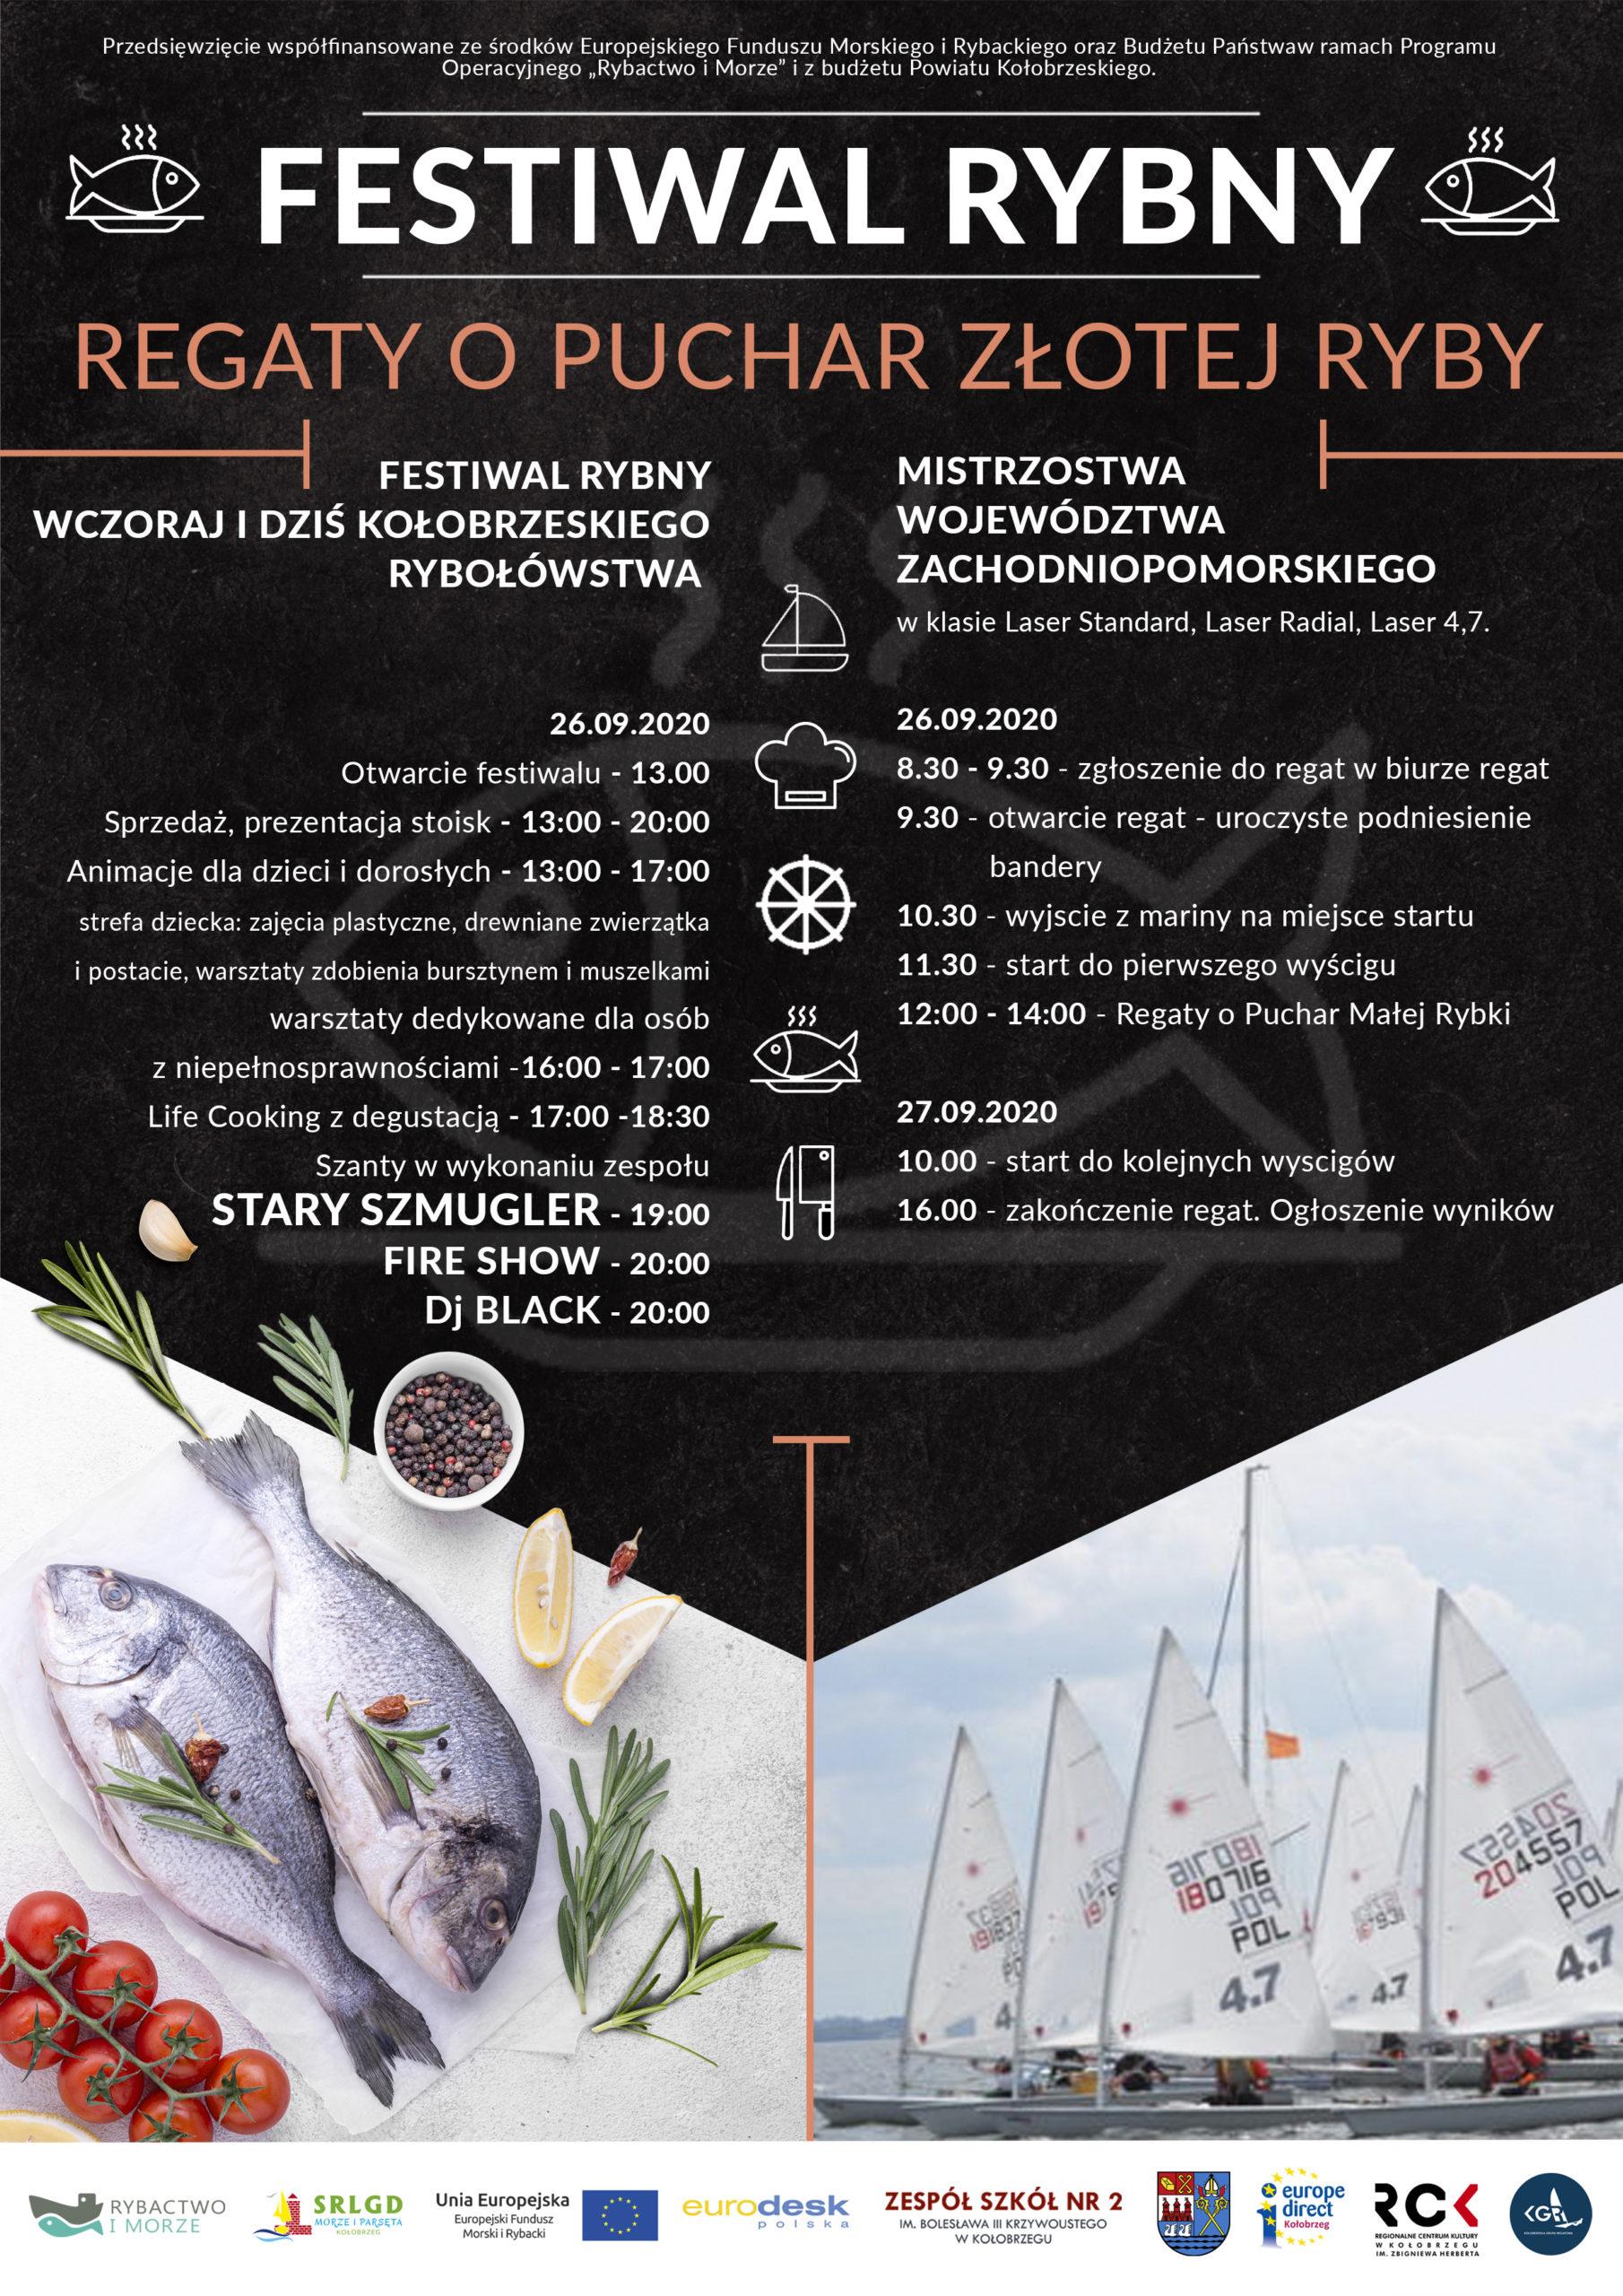 Zapraszamy na Festiwal  Rybny oraz Regaty o Puchar Złotej Ryby-26i 27 września 2020 Marina Solna w Kołobrzegu